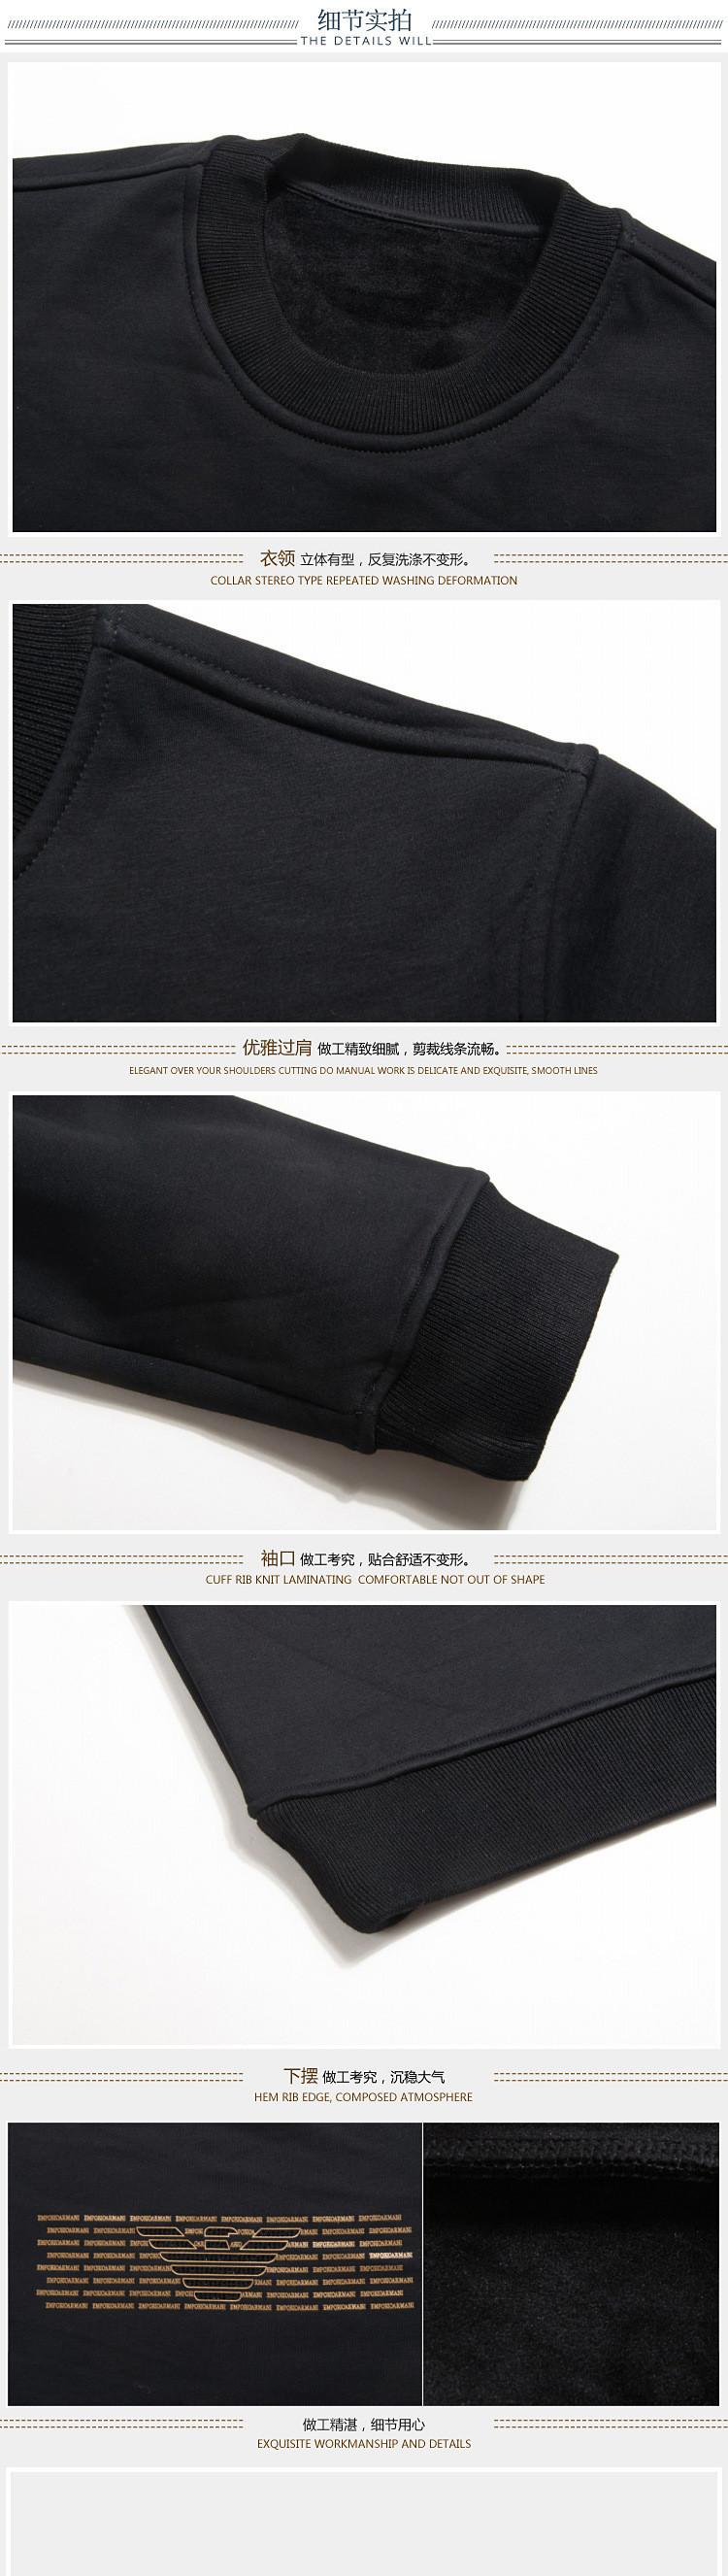 16日系男�b加�q定制男式�l衣男式�\��V告若是以衫�L袖上衣 一件代�l示例�D13